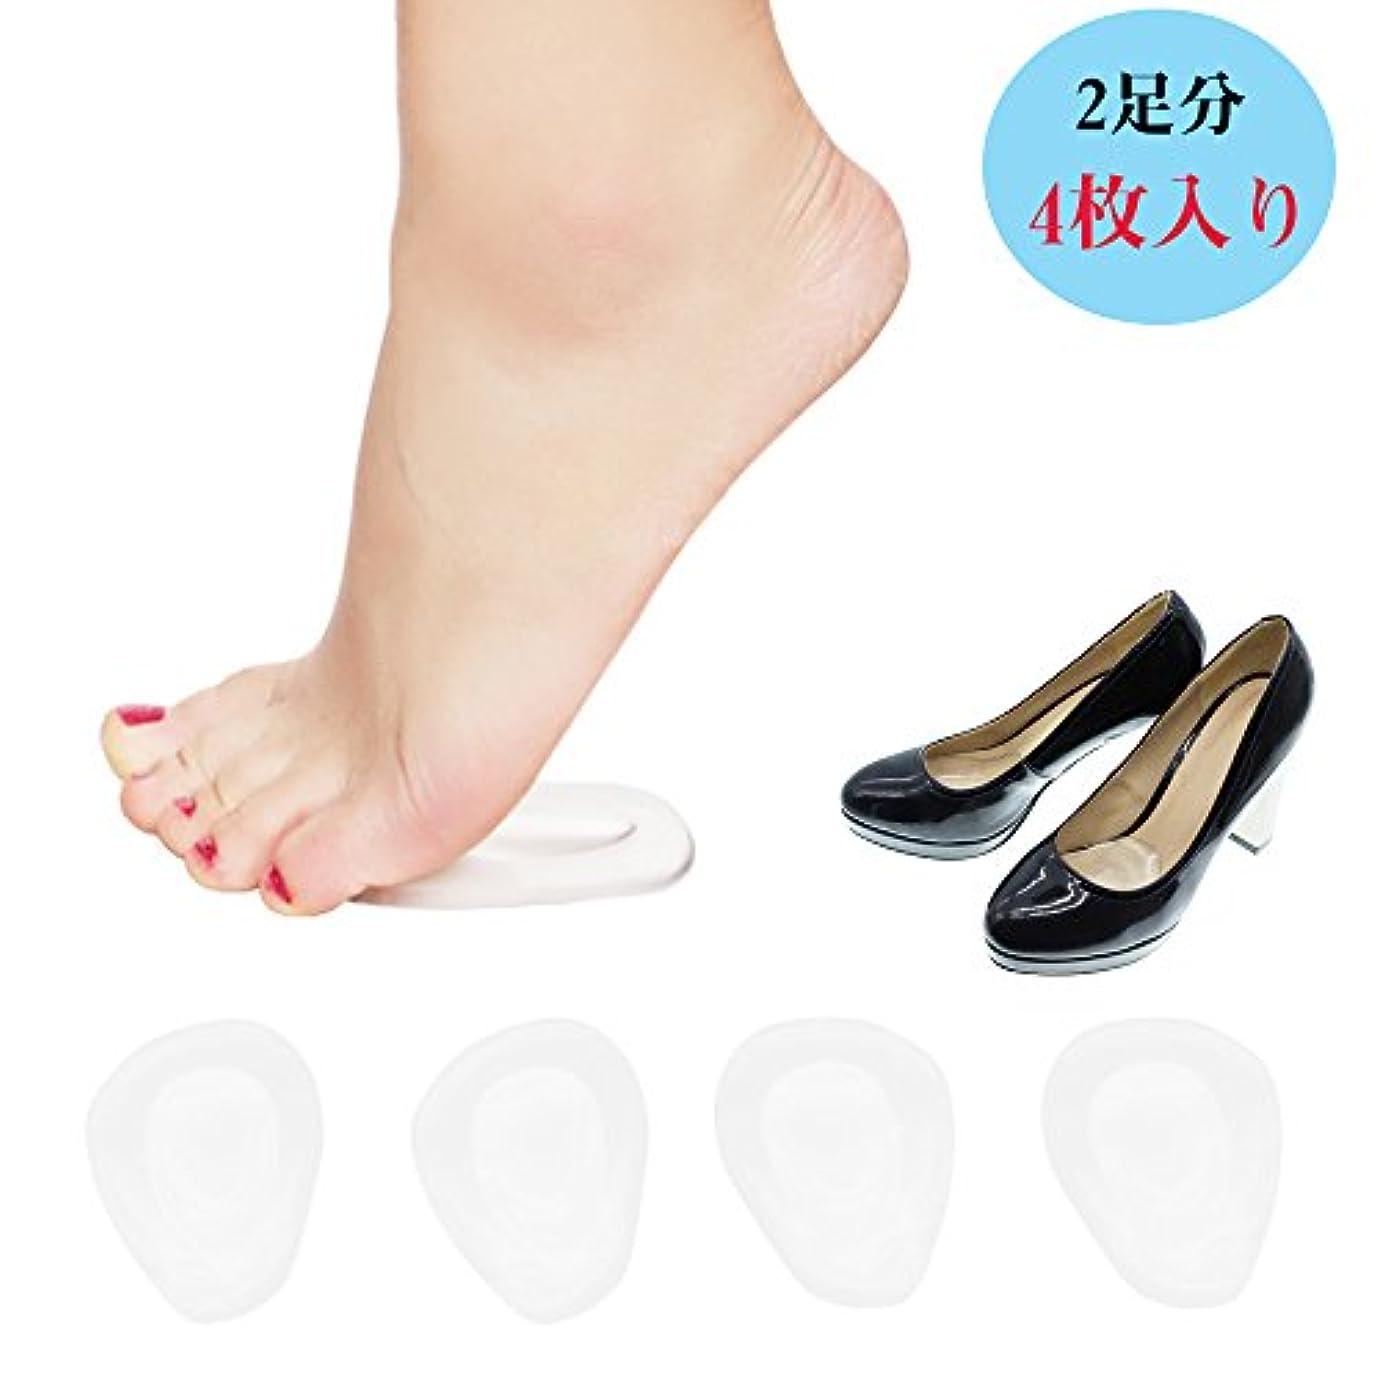 成り立つ復活させるラフ睡眠インソール,前ズレ防止 ジェルパッド つま先の痛み緩和 足裏マッサージ 靴ずれ防止パッド 柔らかい つま先ジェルクッション 2足分(4枚)2色選択 By Dr.Orem (透明)